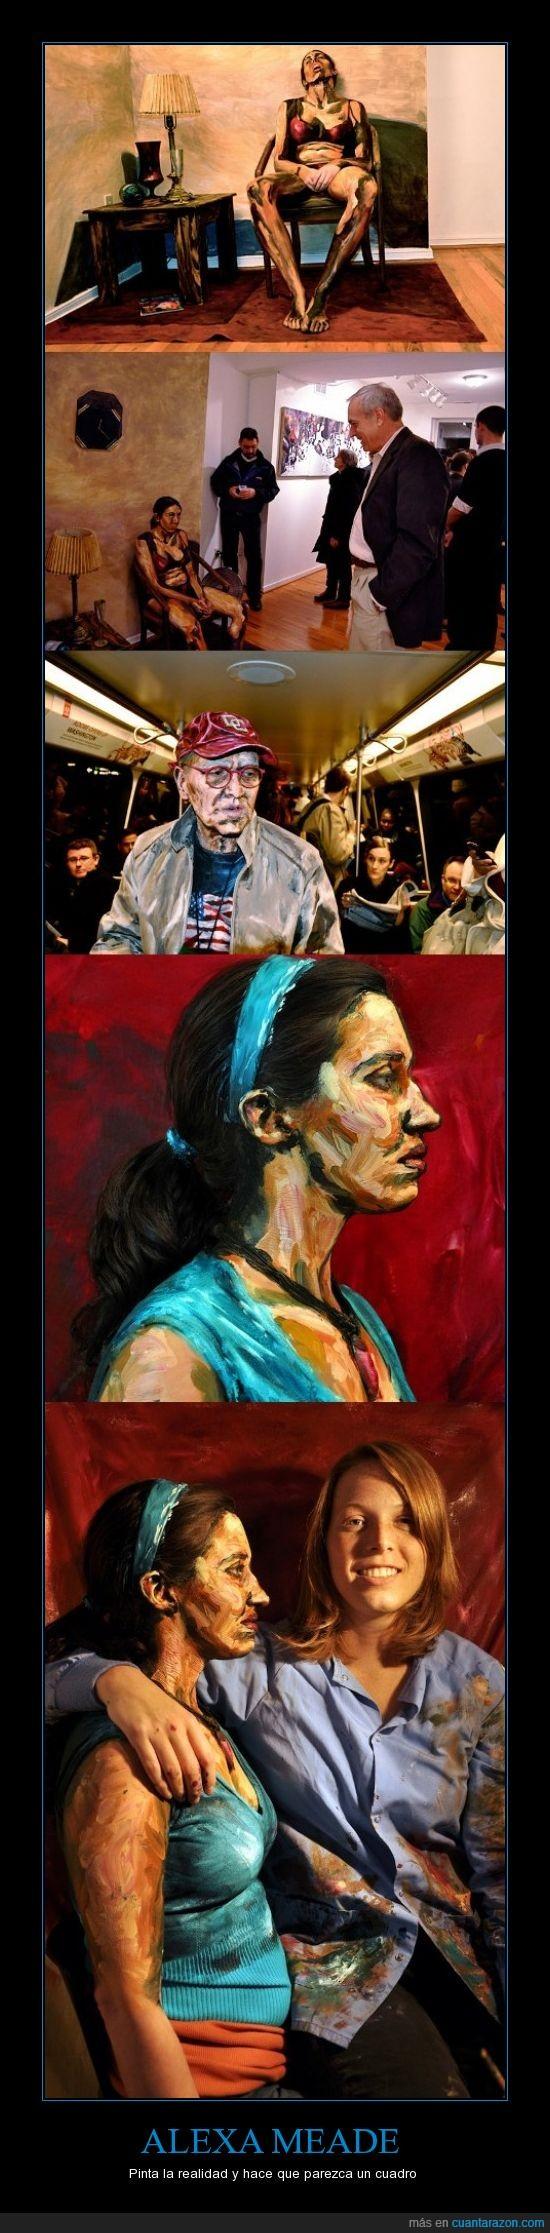 Alexa Meade,arte,increíble,pintura,realidad transformada